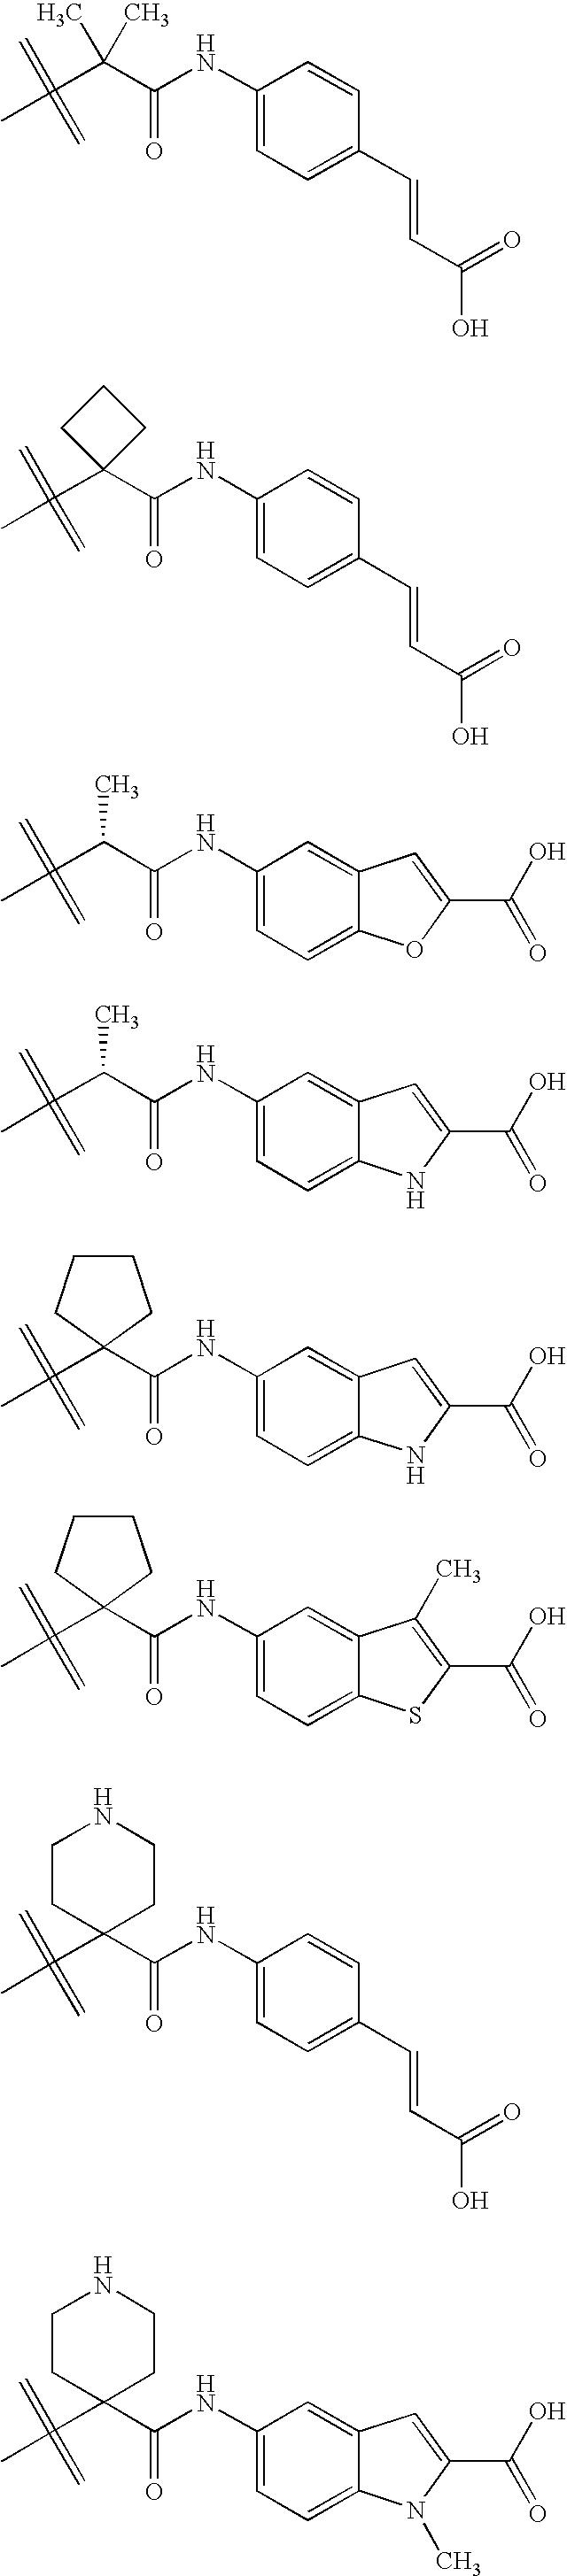 Figure US20070049593A1-20070301-C00148